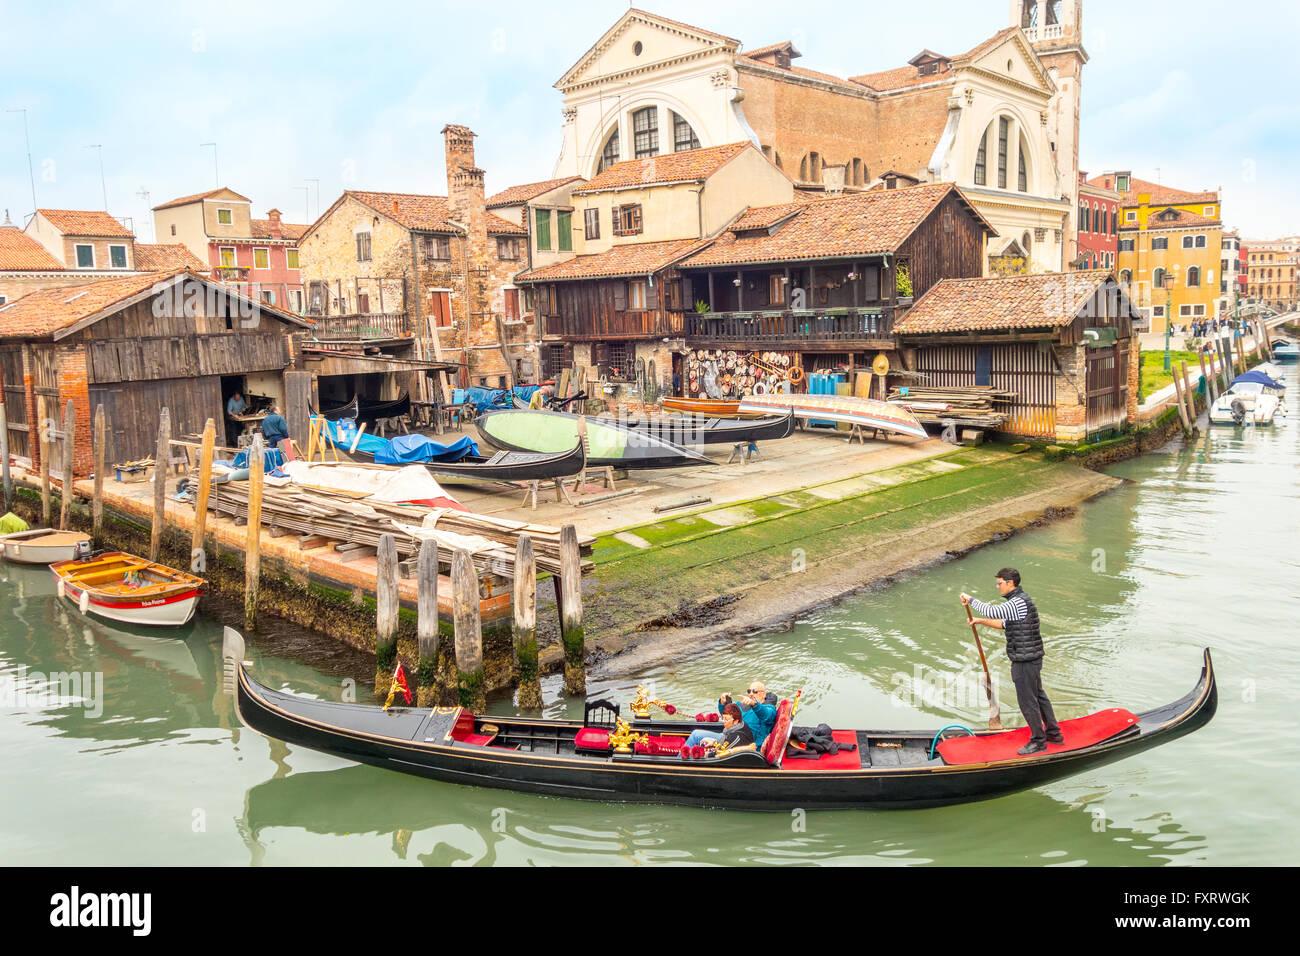 Venezia Italia. Gondola Veneziana sul Rio San Trovaso passando la gondola workshop cantiere Squero di San Trovaso nel sestiere di Dorsoduro Foto Stock